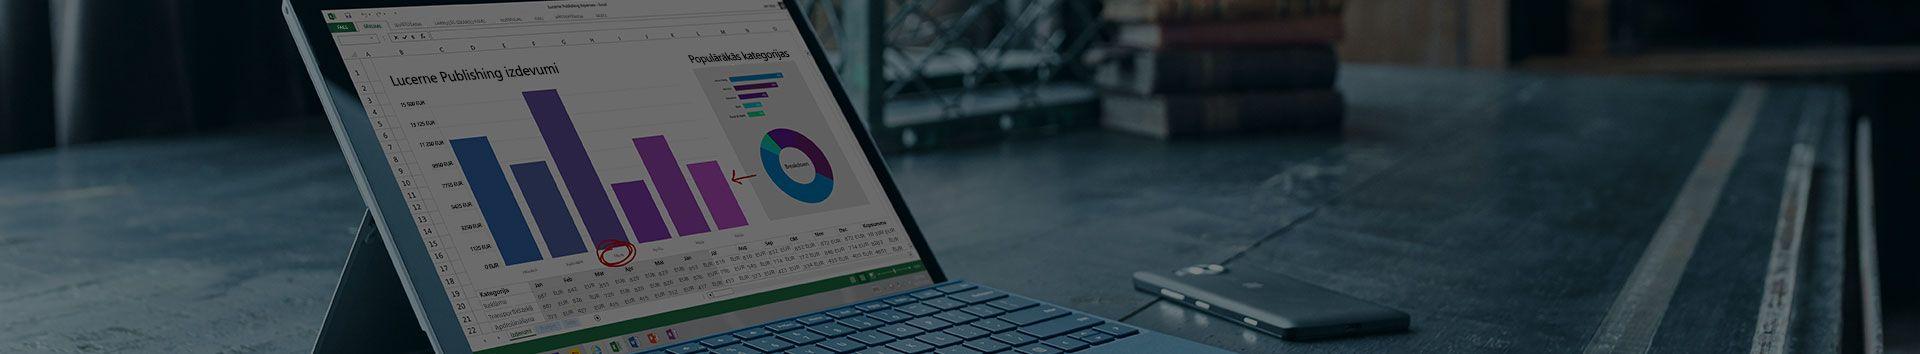 Microsoft Surface planšetdators, kurā redzama izdevumu atskaite programmā Microsoft Excel